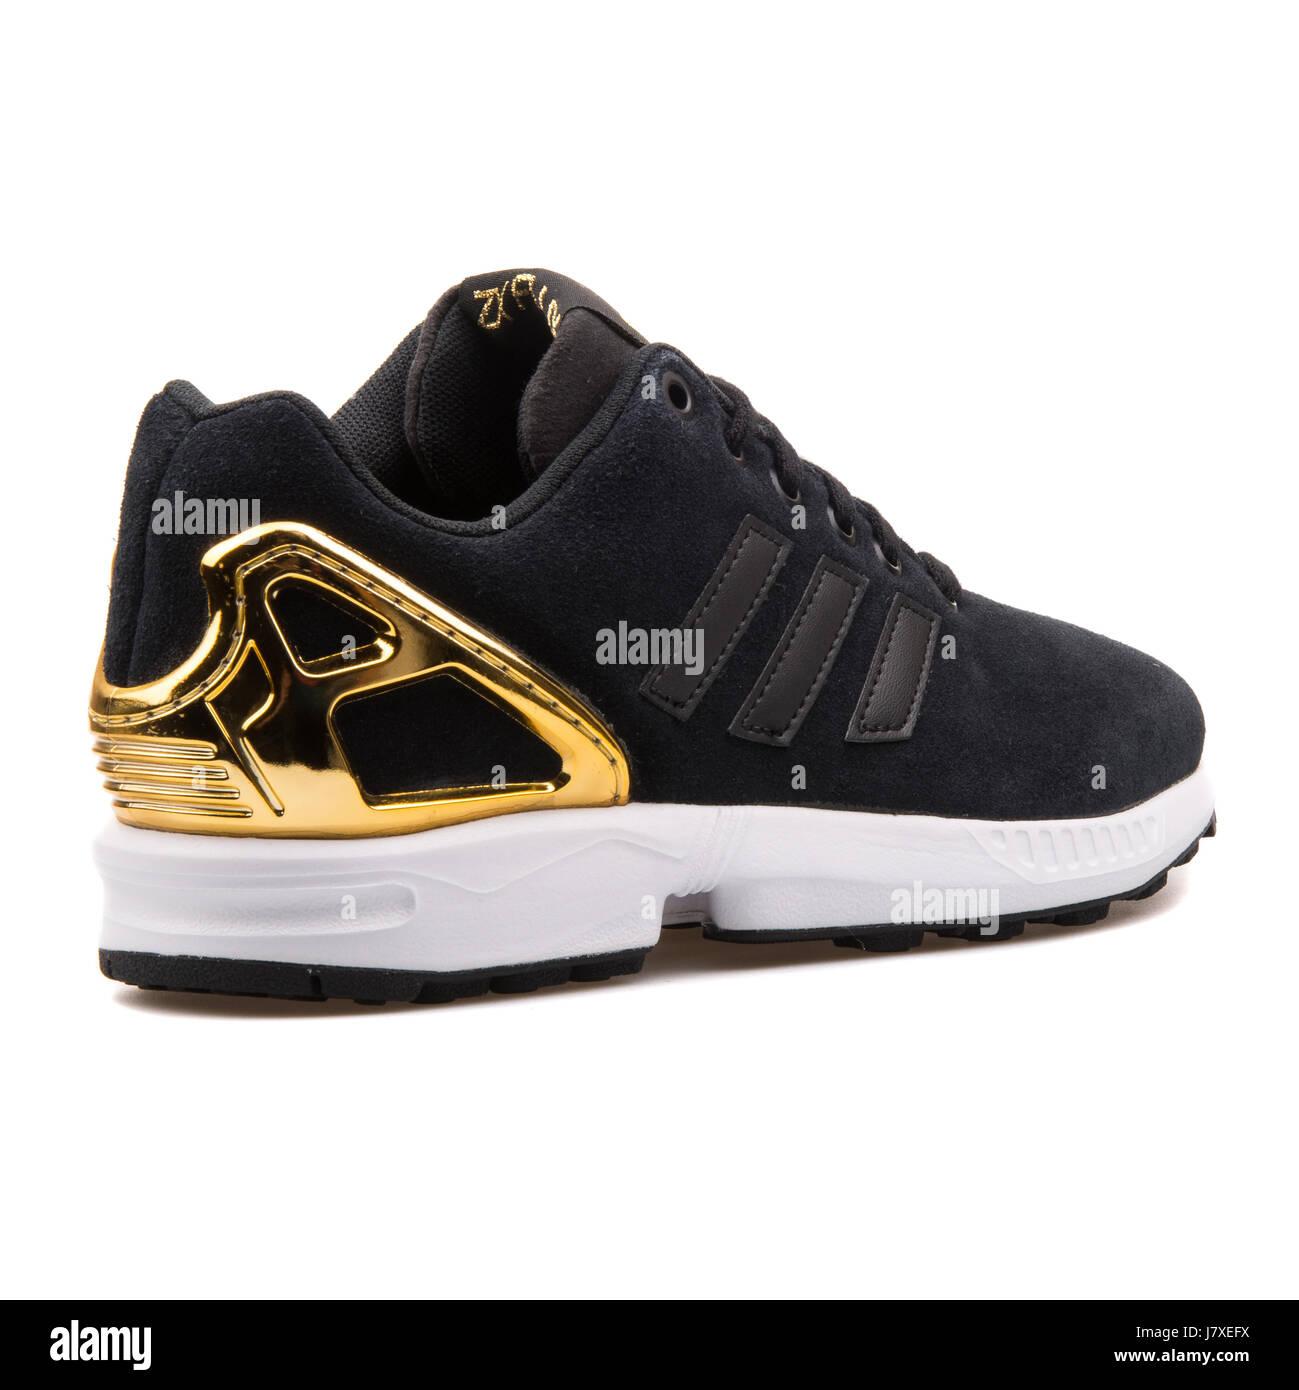 adidas zx flux damen gold